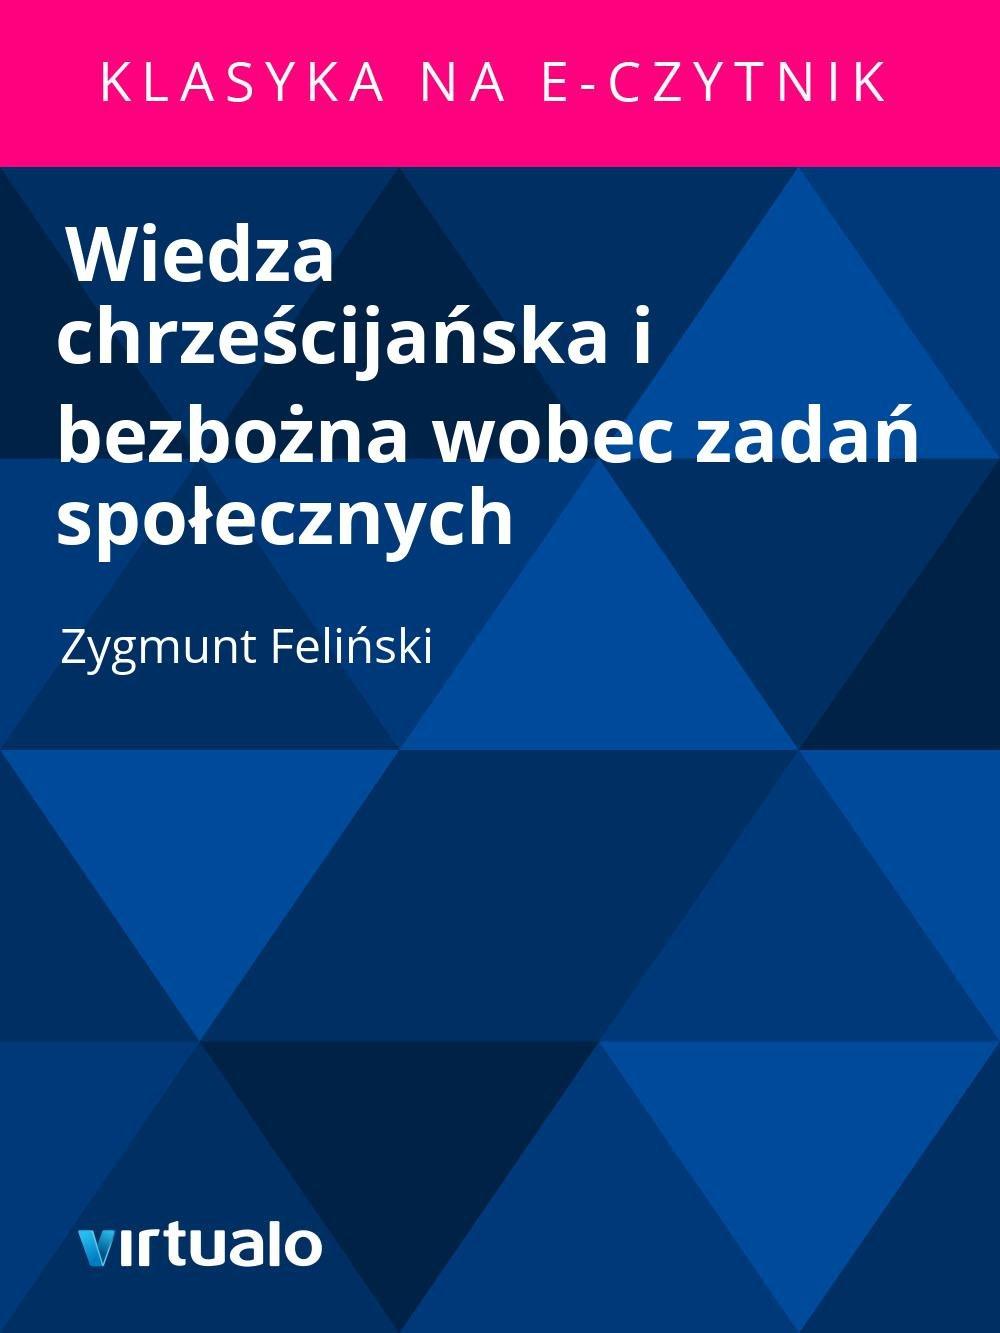 Wiedza chrześcijańska i bezbożna wobec zadań społecznych - Ebook (Książka EPUB) do pobrania w formacie EPUB